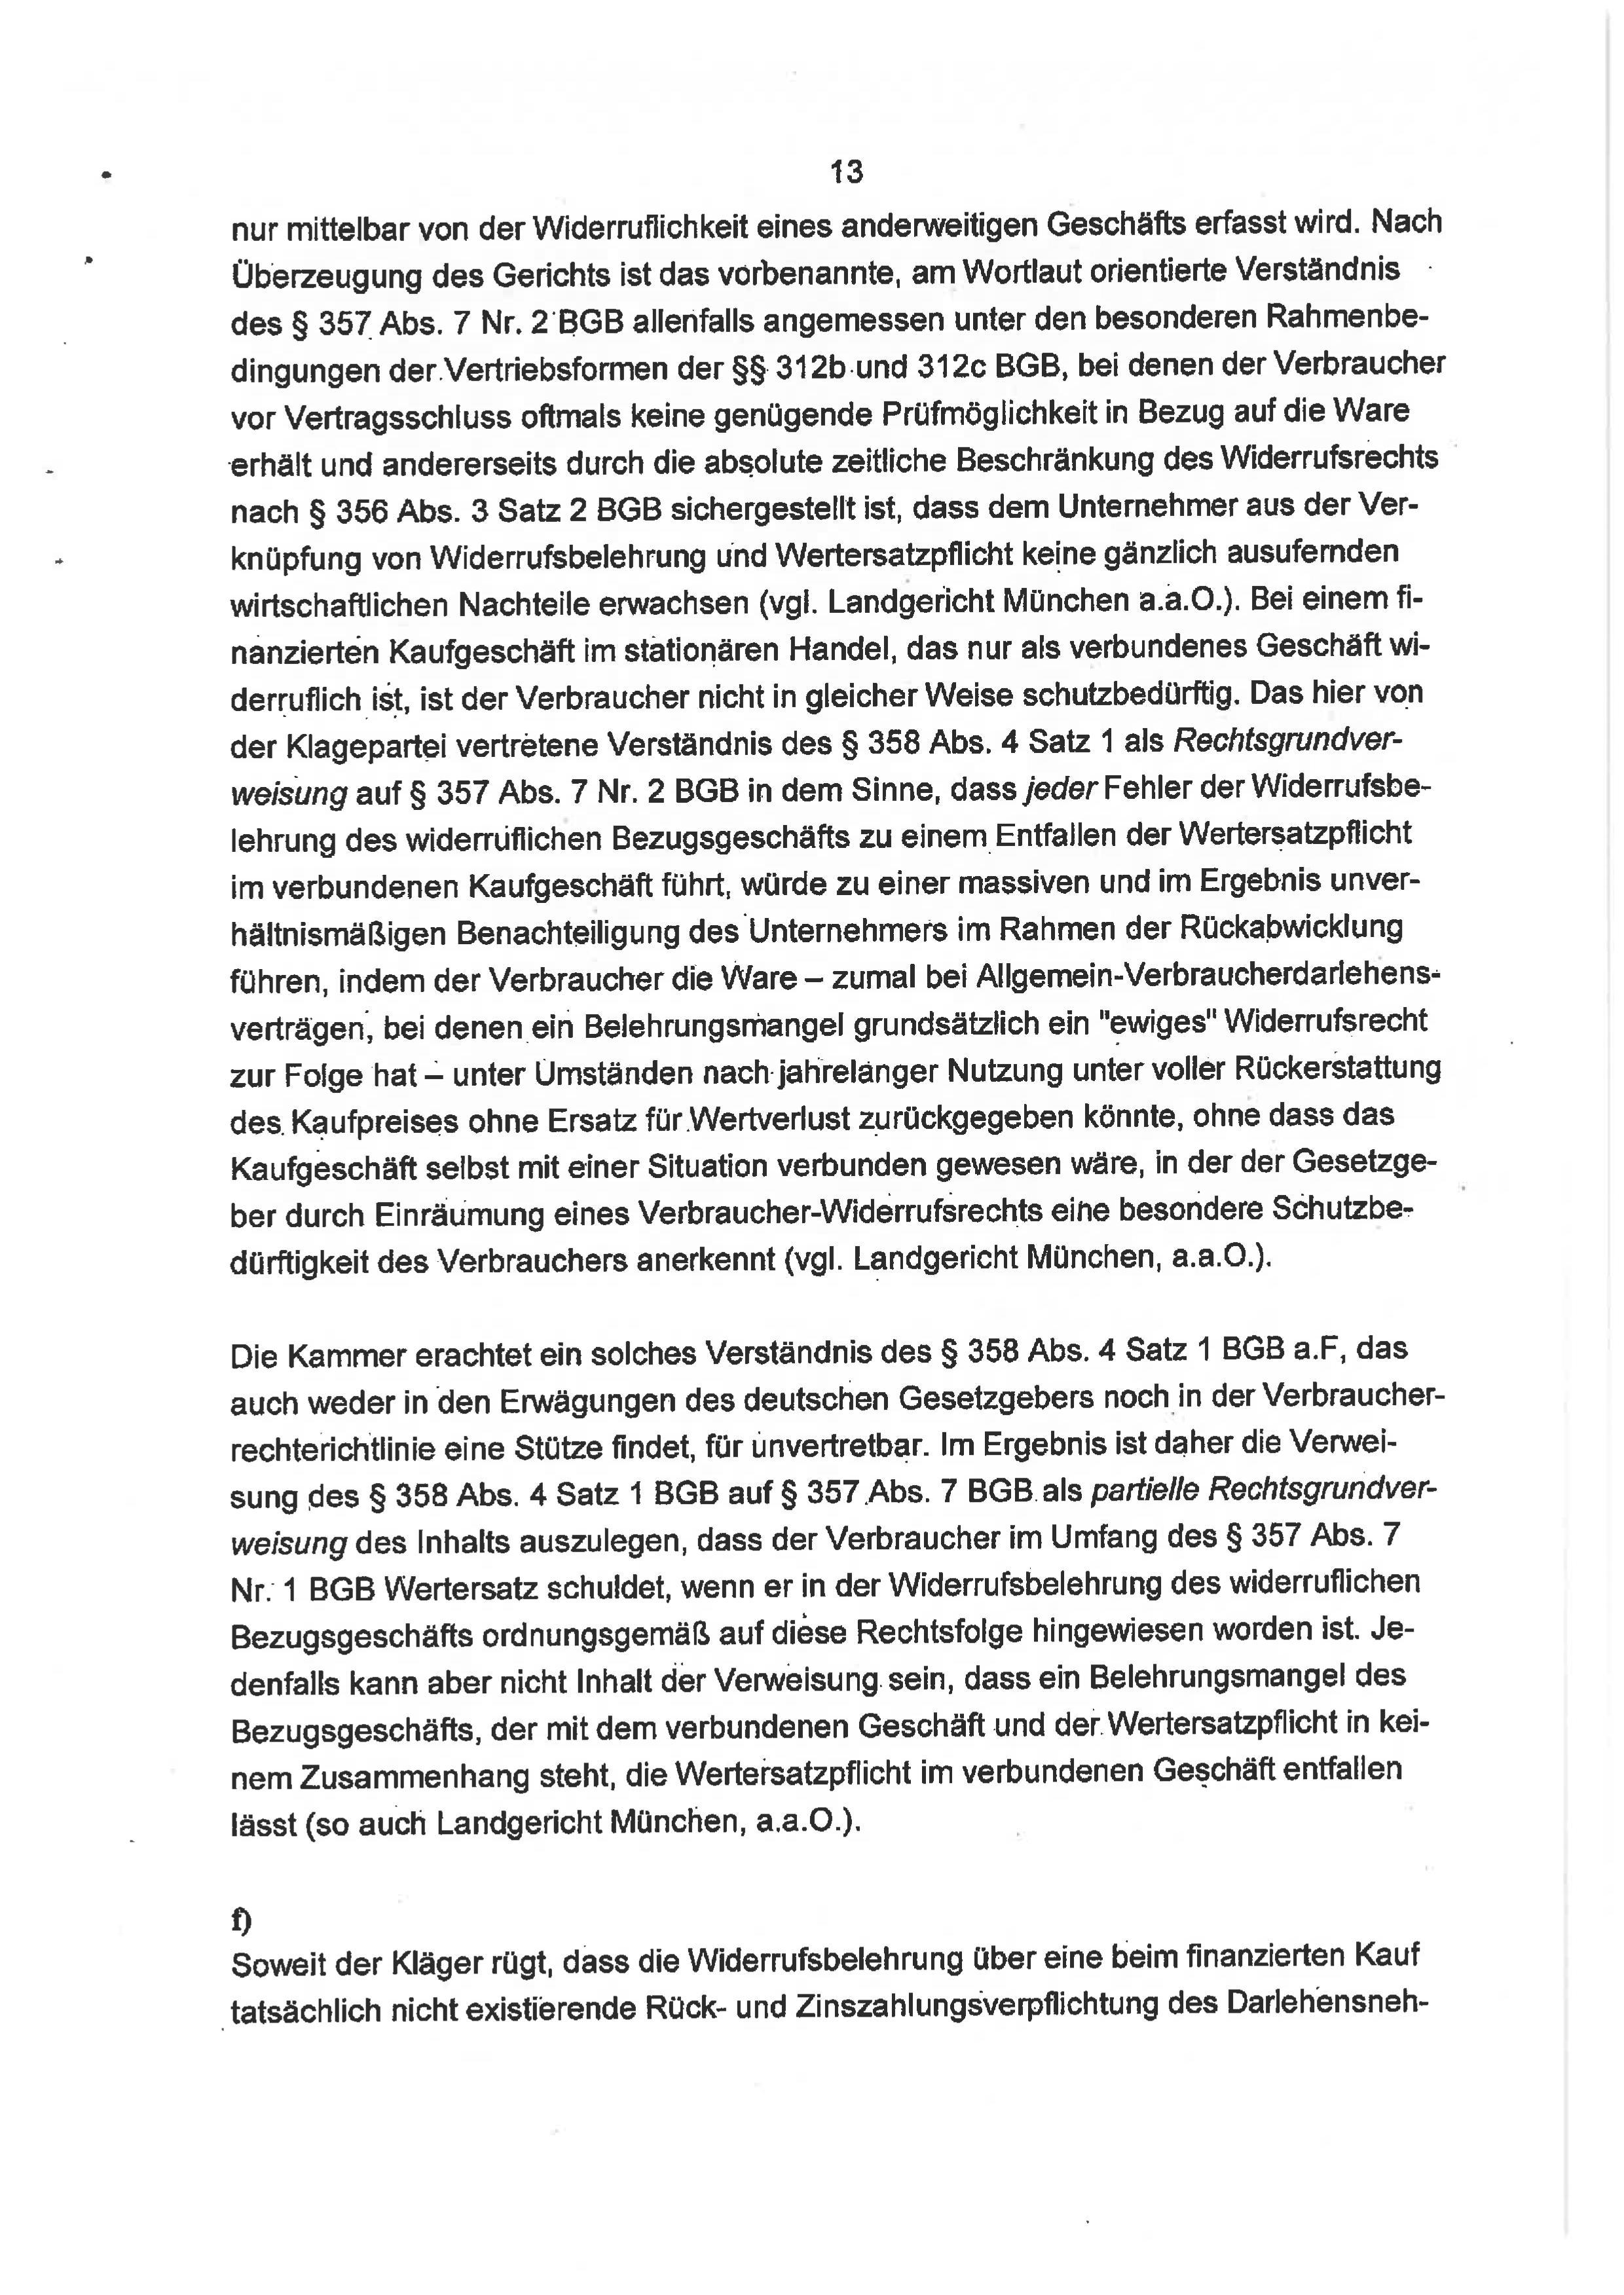 Seite 13 des Urteils 4 O 46/18 zum Widerruf Autokredit